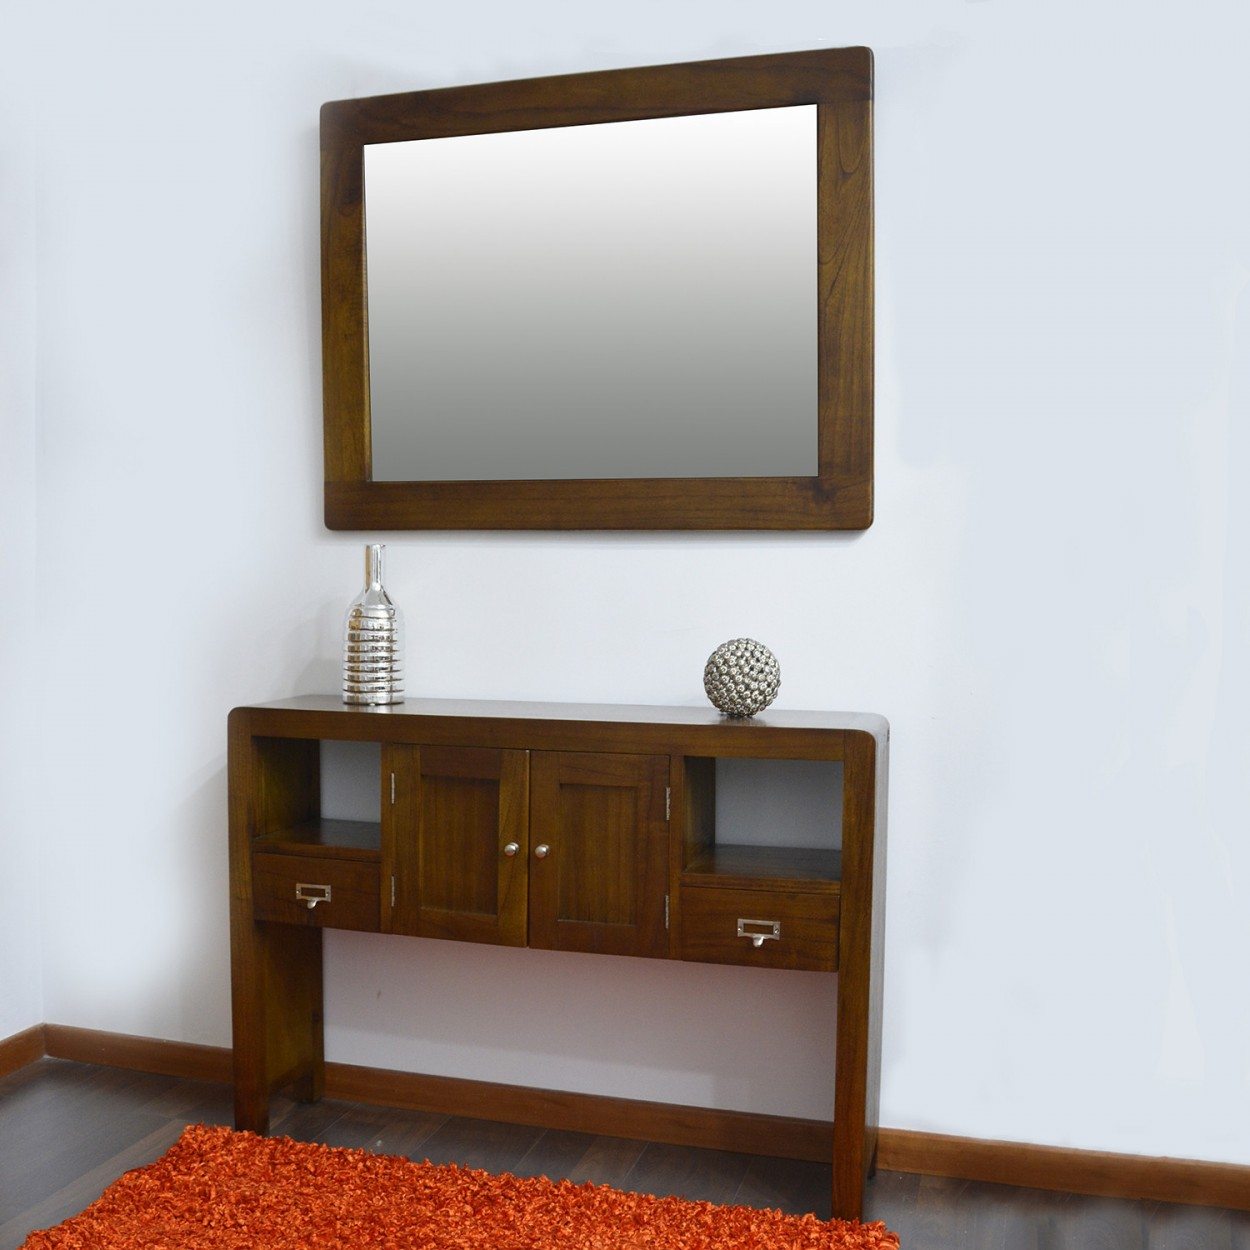 Espejo barcelona de madera dise o robusto y artesano for Diseno de hogar